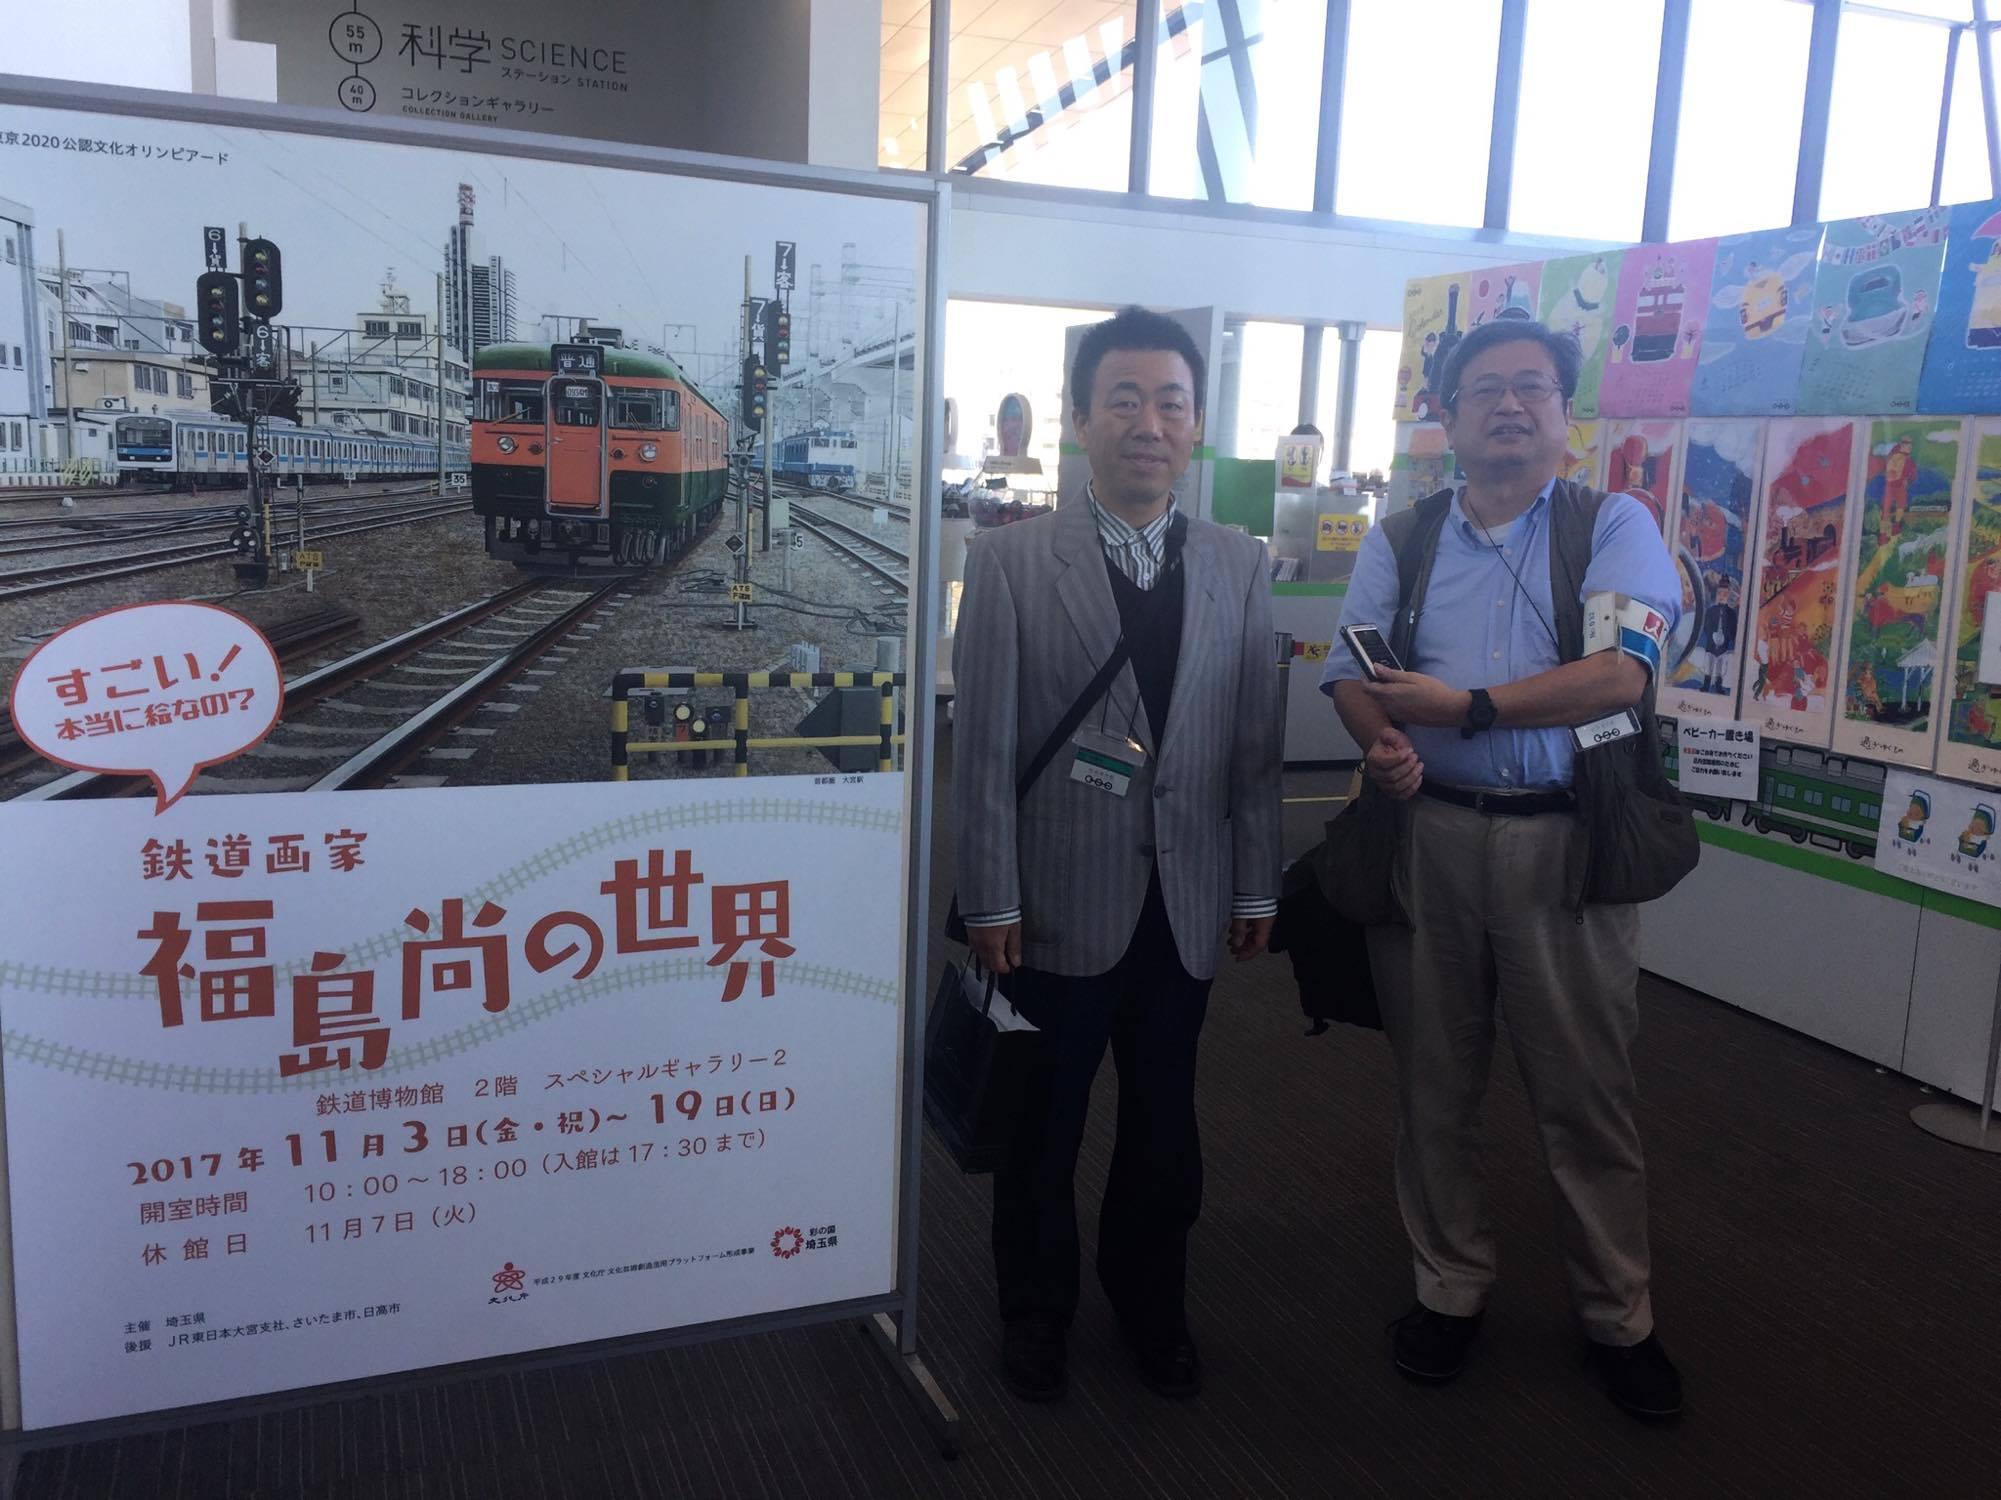 福島尚さんと崎山記者